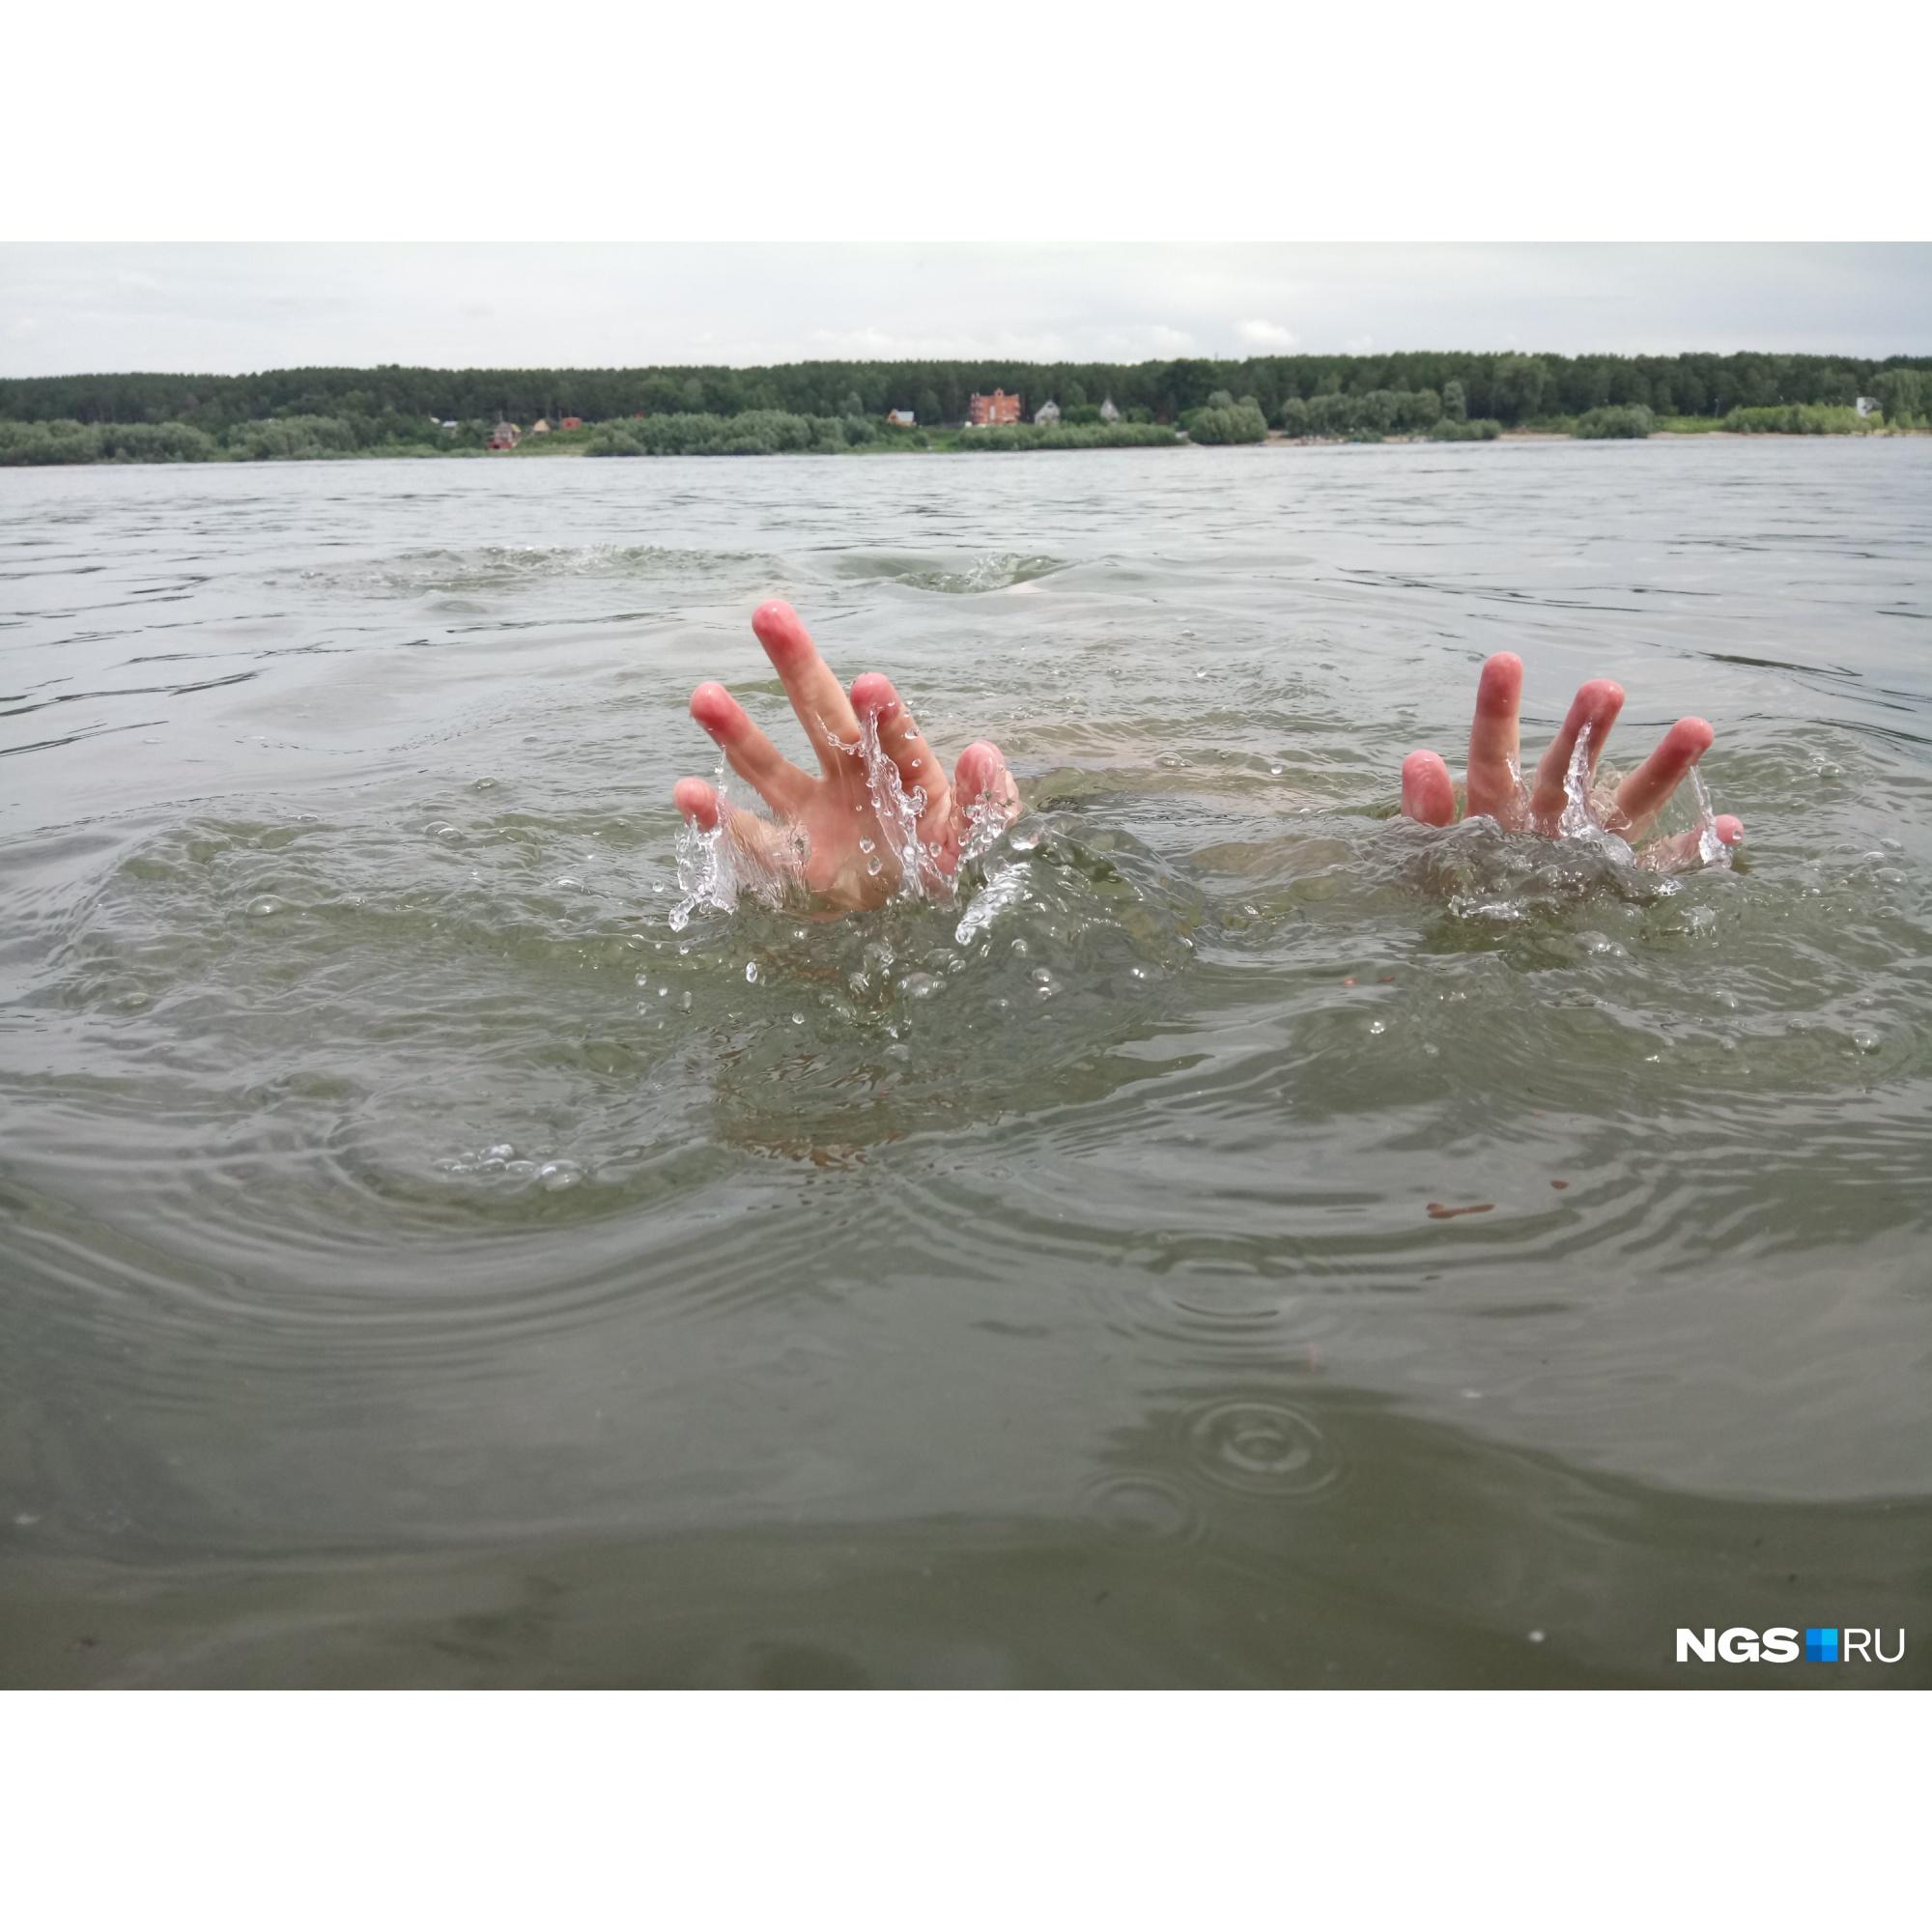 Большинство утонувших — люди, принимавшие алкоголь. Также в зоне риска — подростки, которые рискуют и неправильно оценивают свои силы